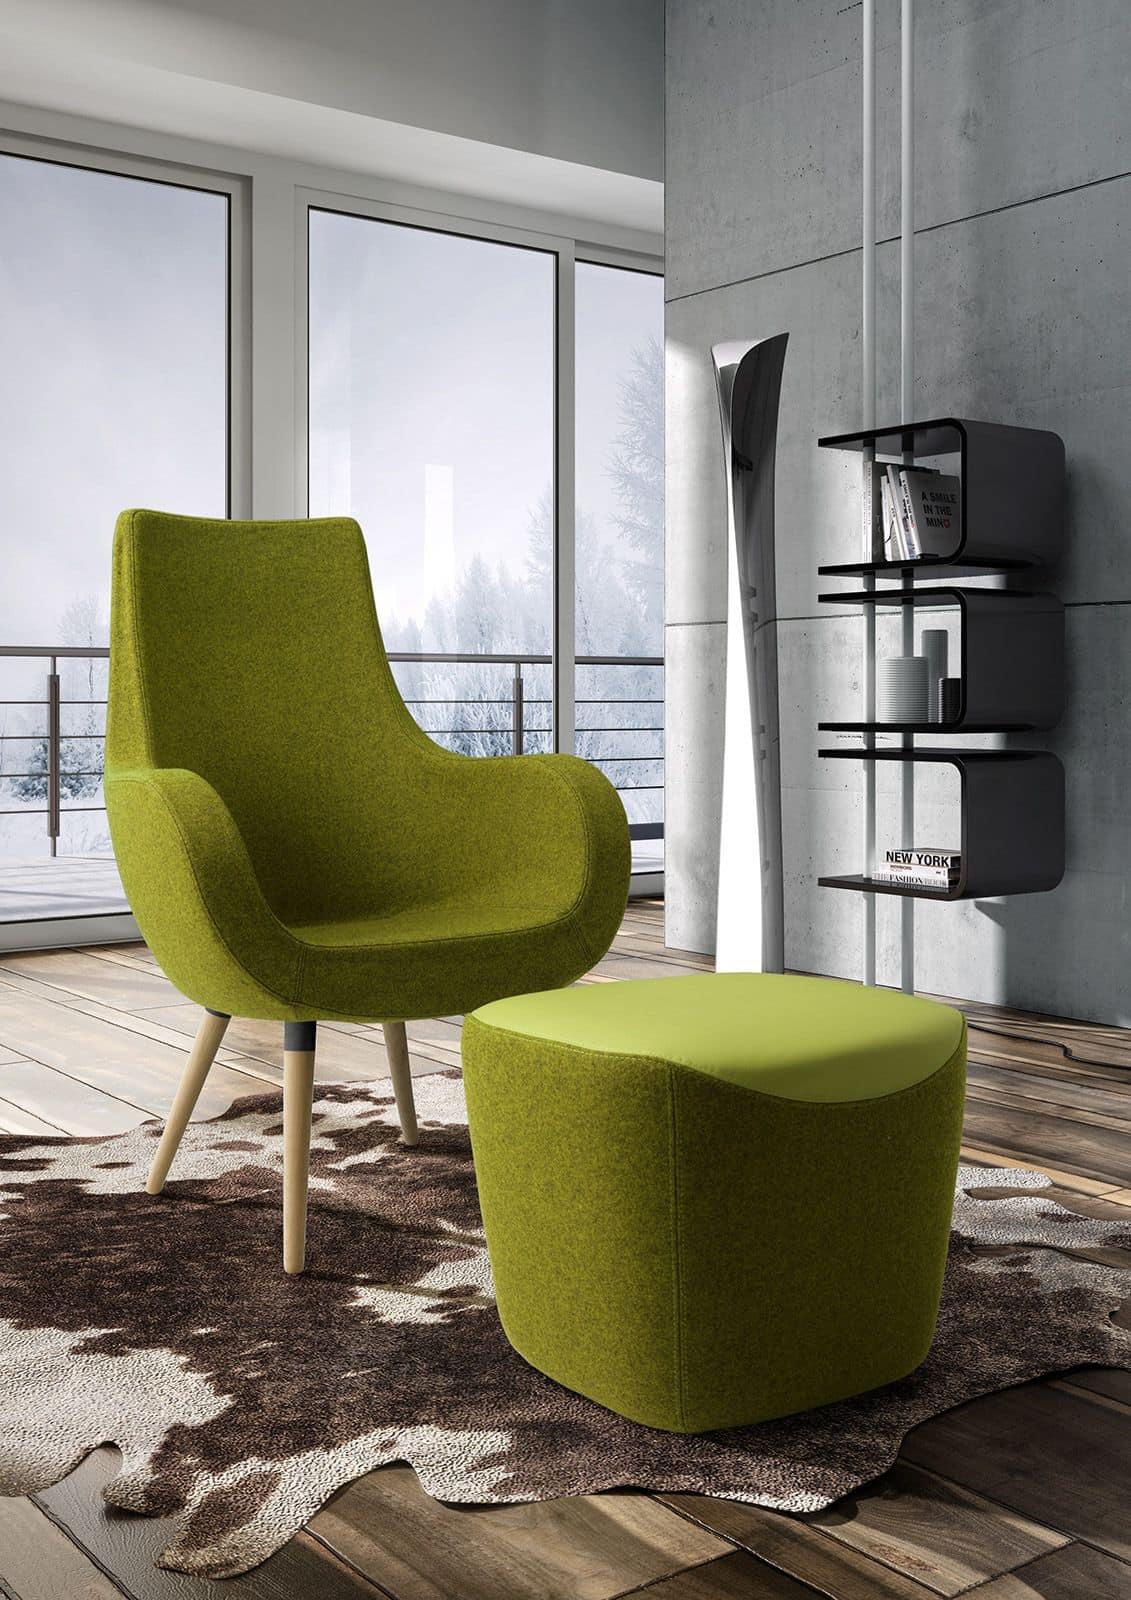 Poltrone moderne da salotto idee creative su interni e - Poltrone da camera moderne ...